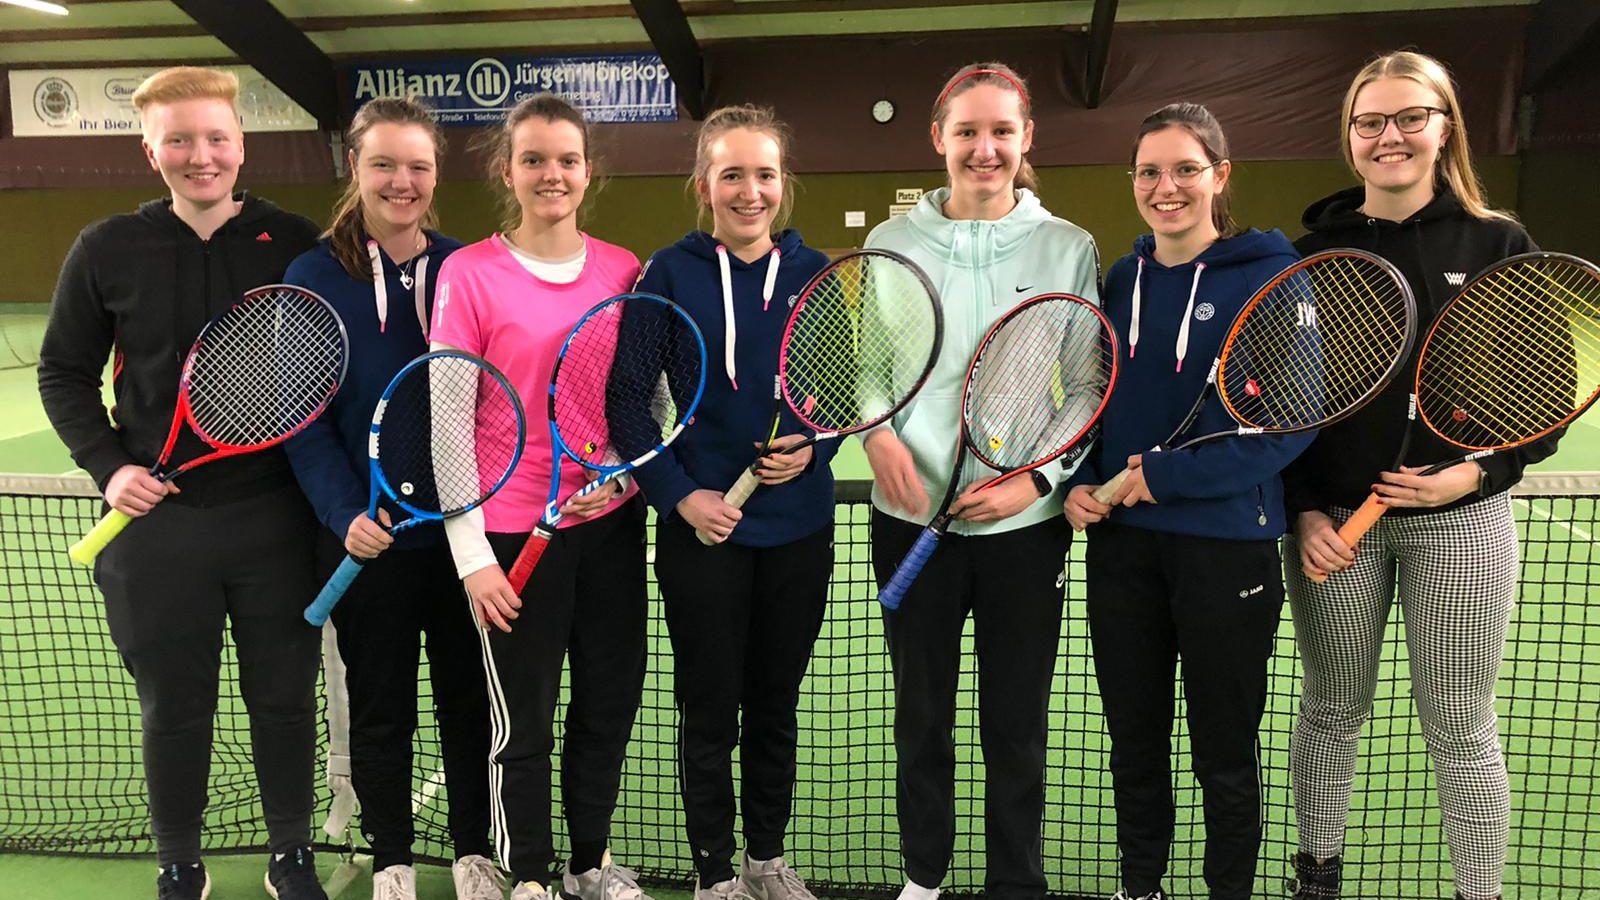 Das Meldeverfahren des Westfälischen Tennisverbandes für die Sommersaison 2021 ist abgeschlossen.